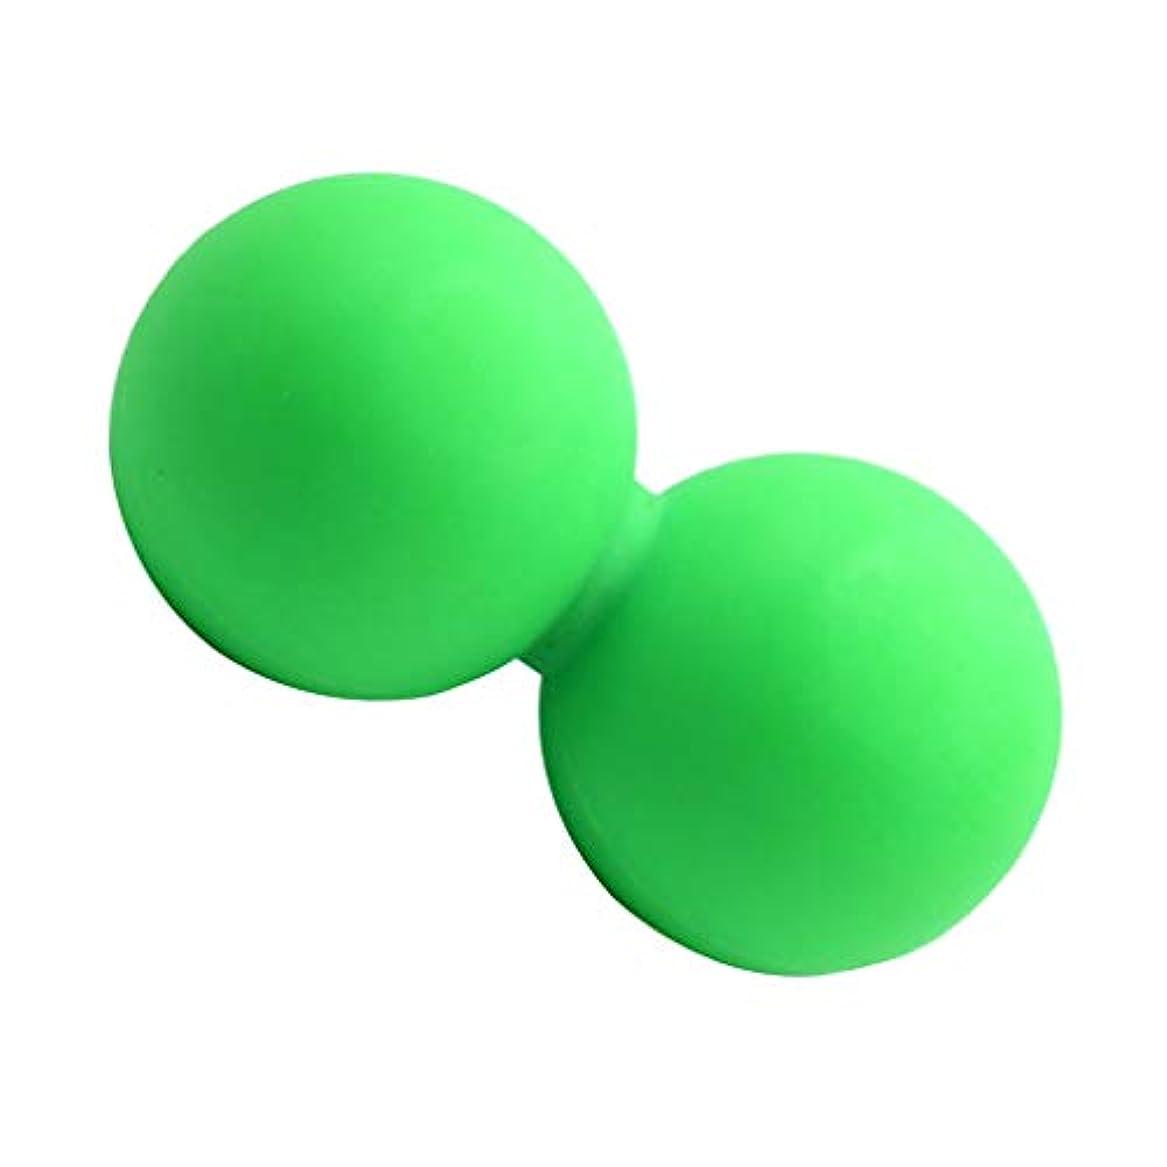 免除する毎週円形のD DOLITY マッサージボール 手のひら 足 足首 腕 首 背中用 スポーツ ヨガ グリーン